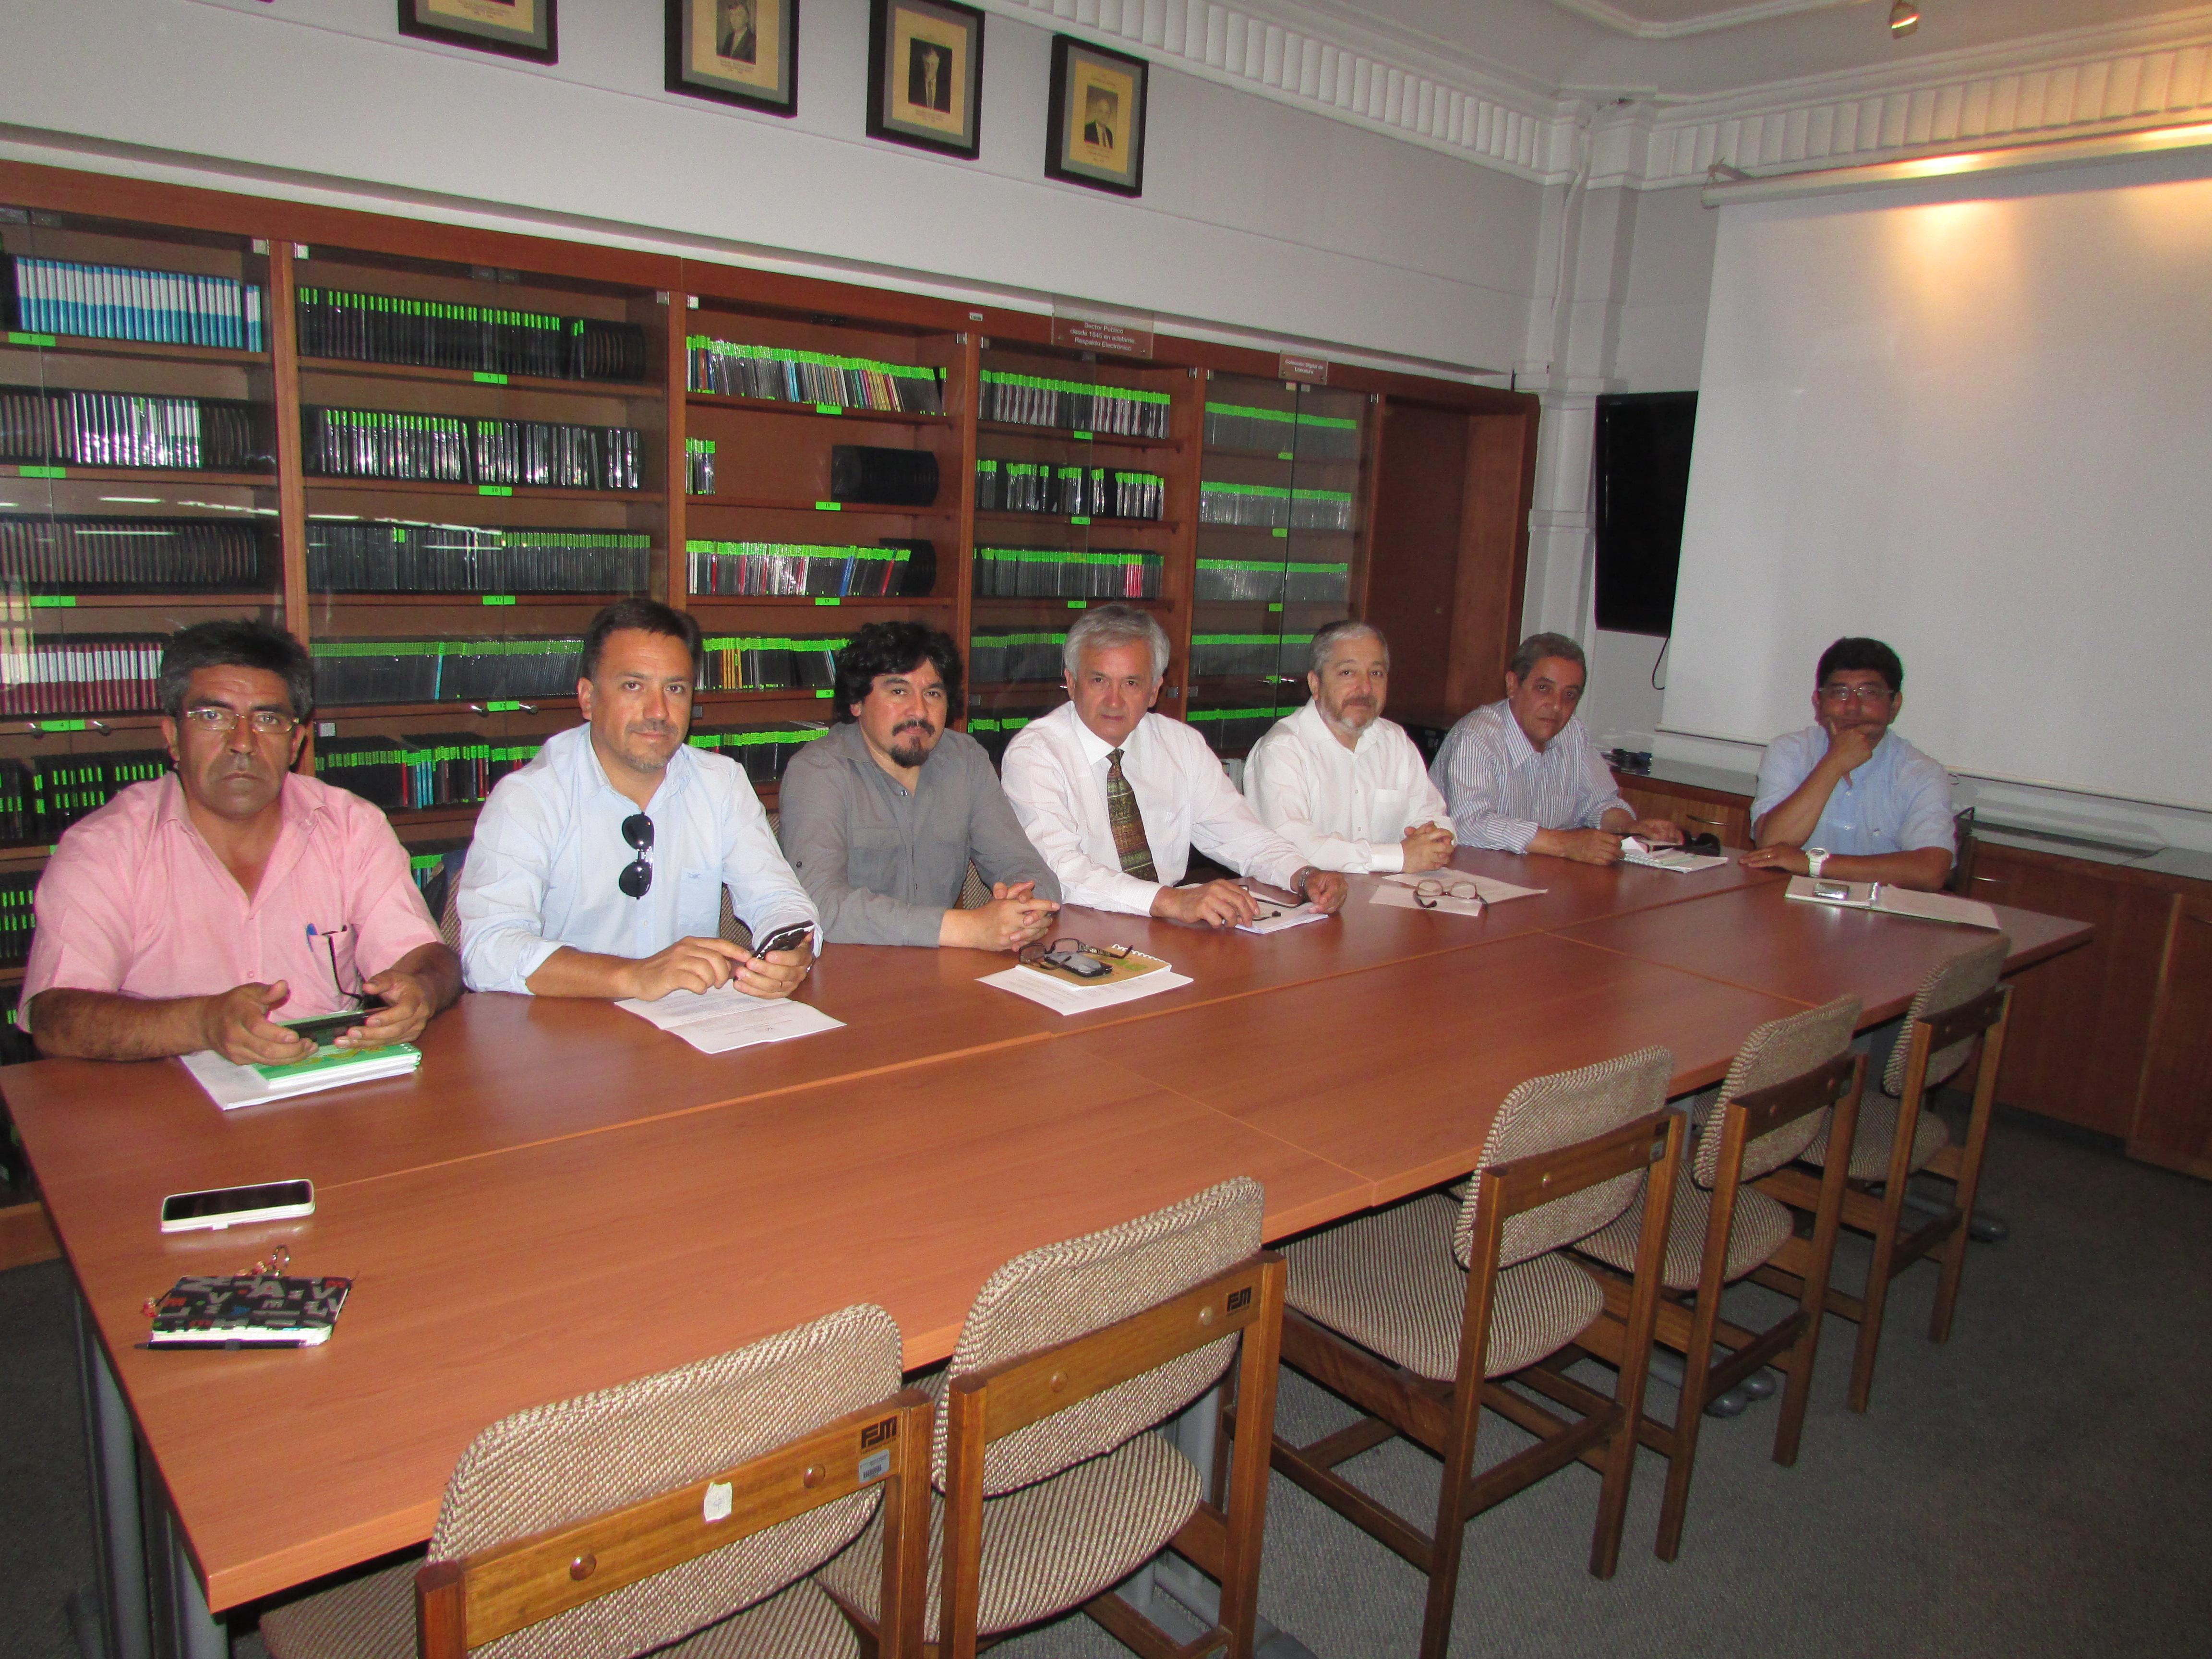 Imágenes reunión DIPRES Firma Histórico Acuerdo de Protocolo - 12 Diciembre 2016